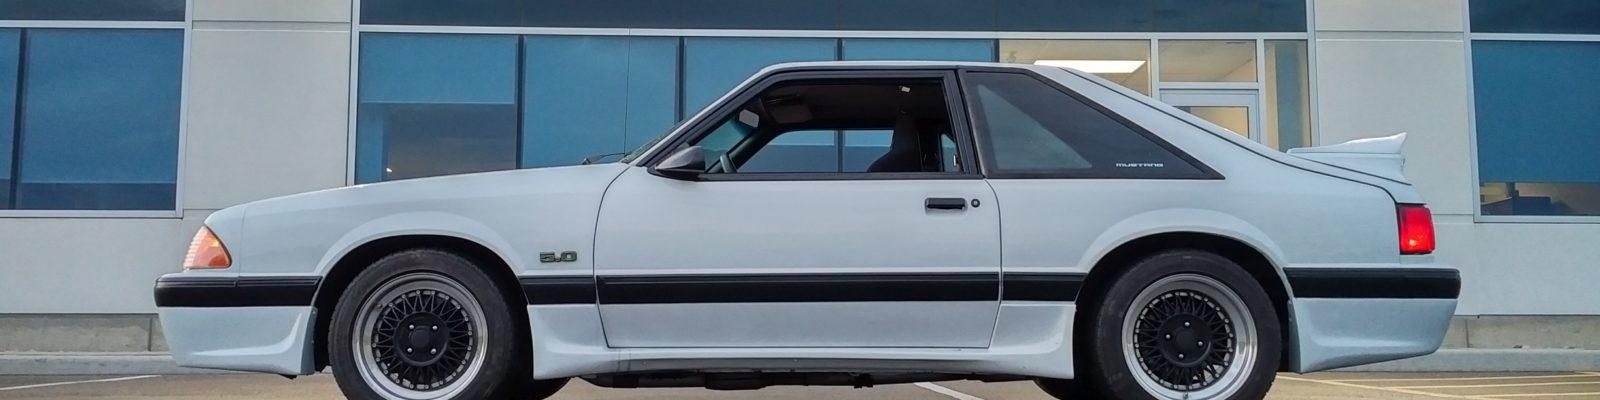 1988 Mustang DECH